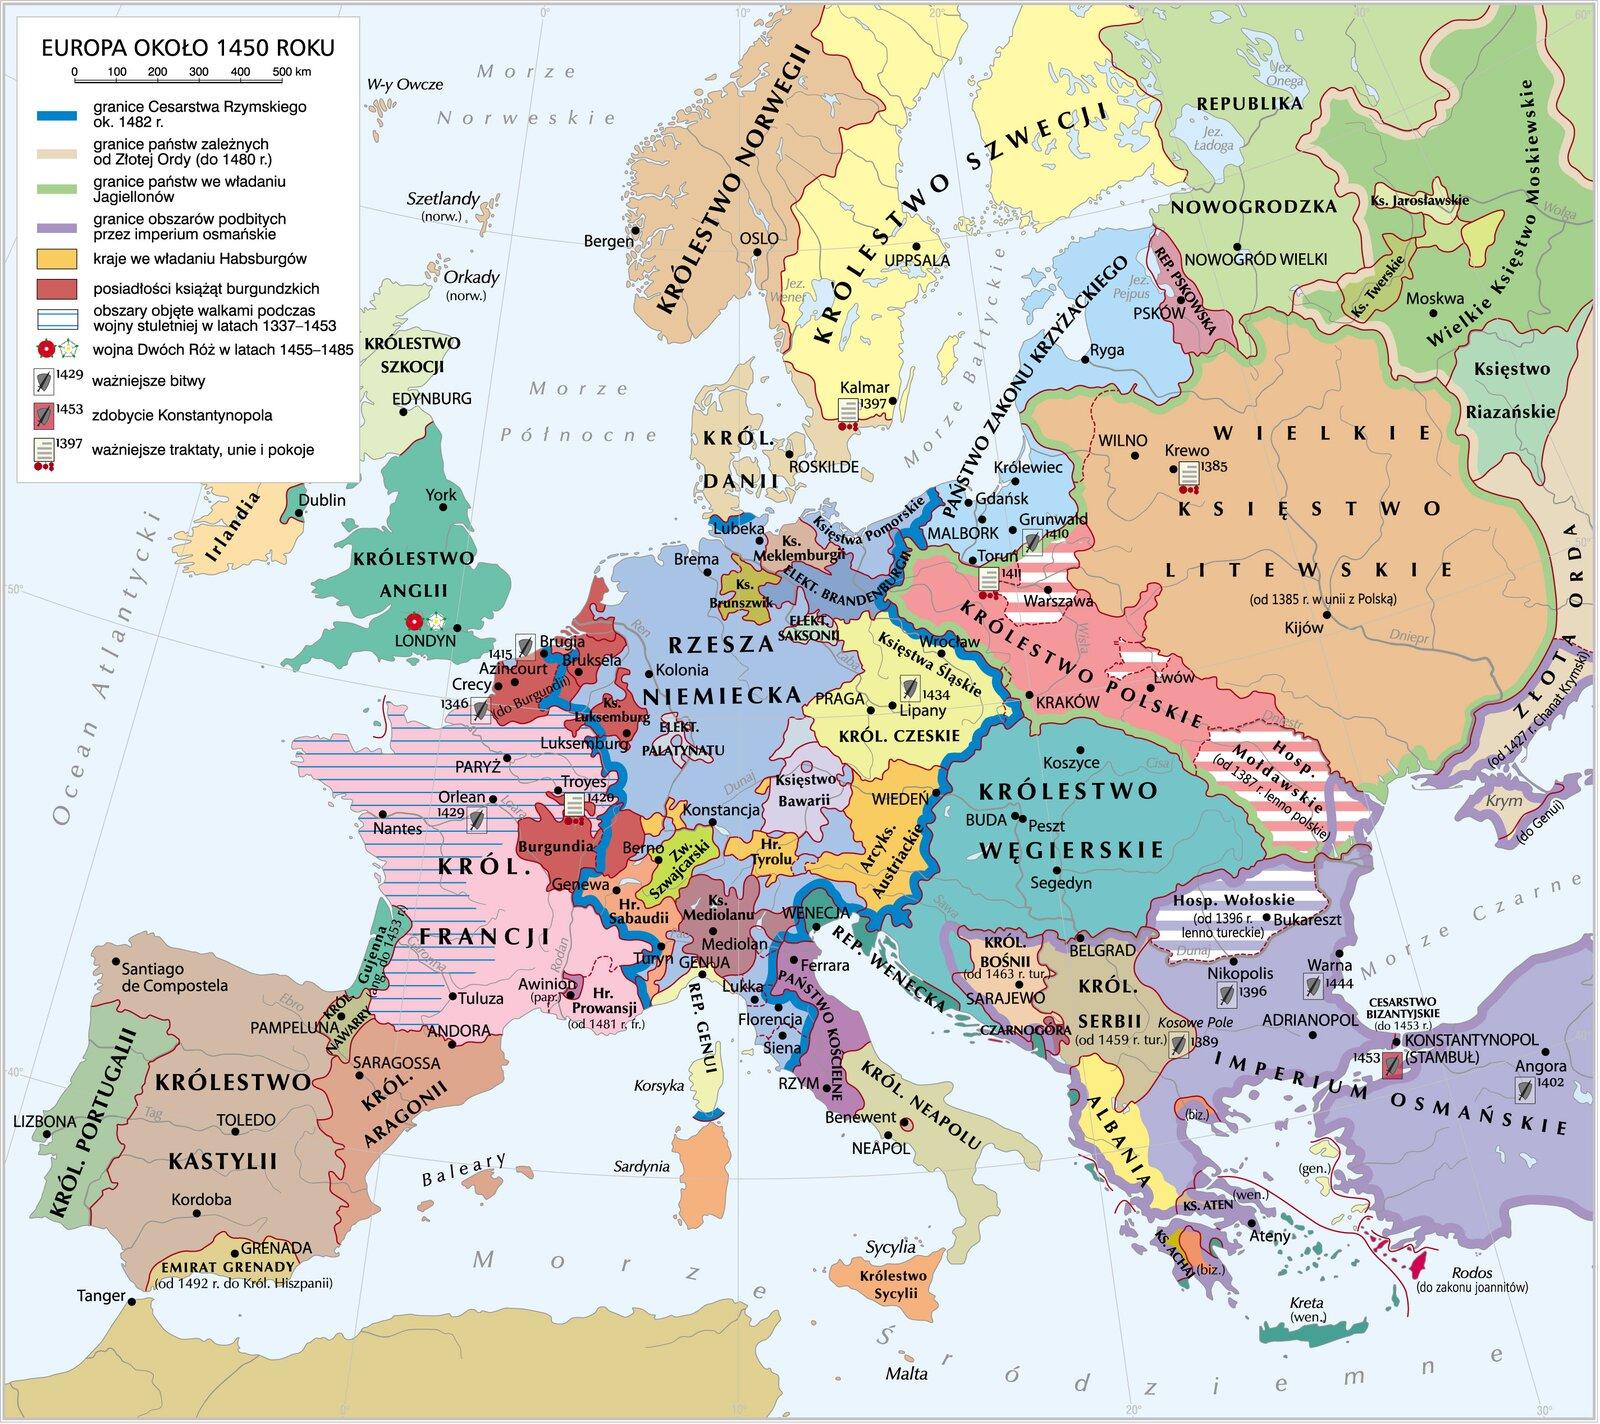 Europa 1450 r. Europa 1450 r. Źródło: Krystian Chariza izespół, licencja: CC BY 3.0.